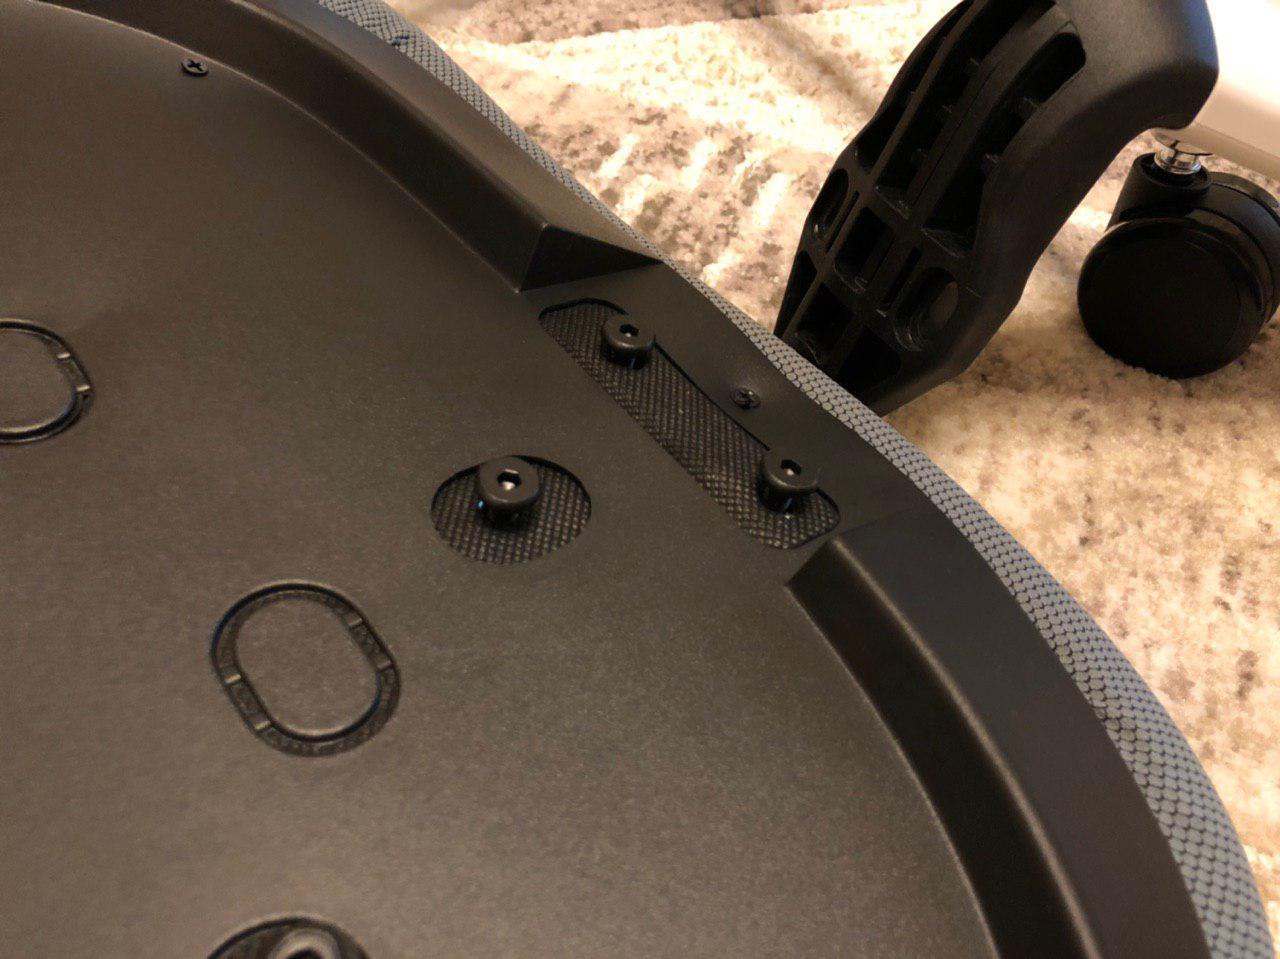 Не «Маркусом» единым: обзор компьютерного кресла Hbada 140WM - 2